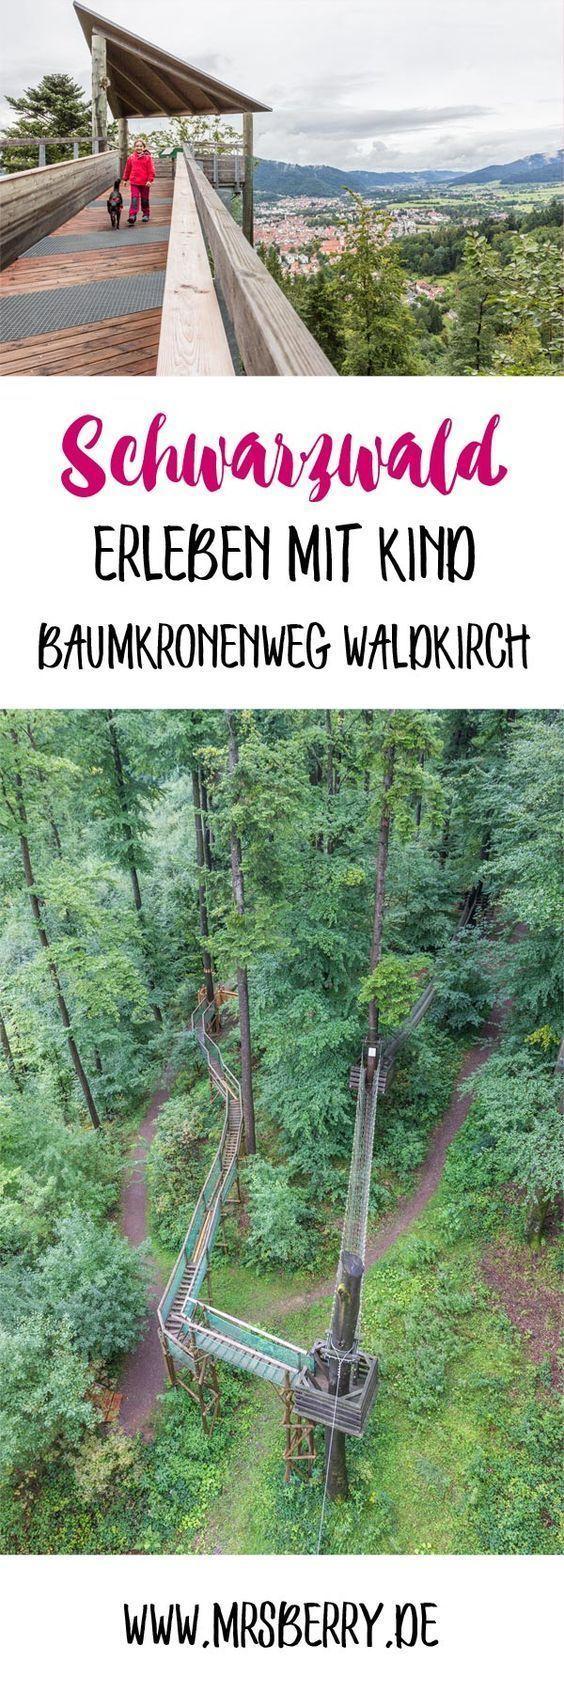 ZweiTälerLand – Familienurlaub und Wandern im Herzen des Schwarzwaldes